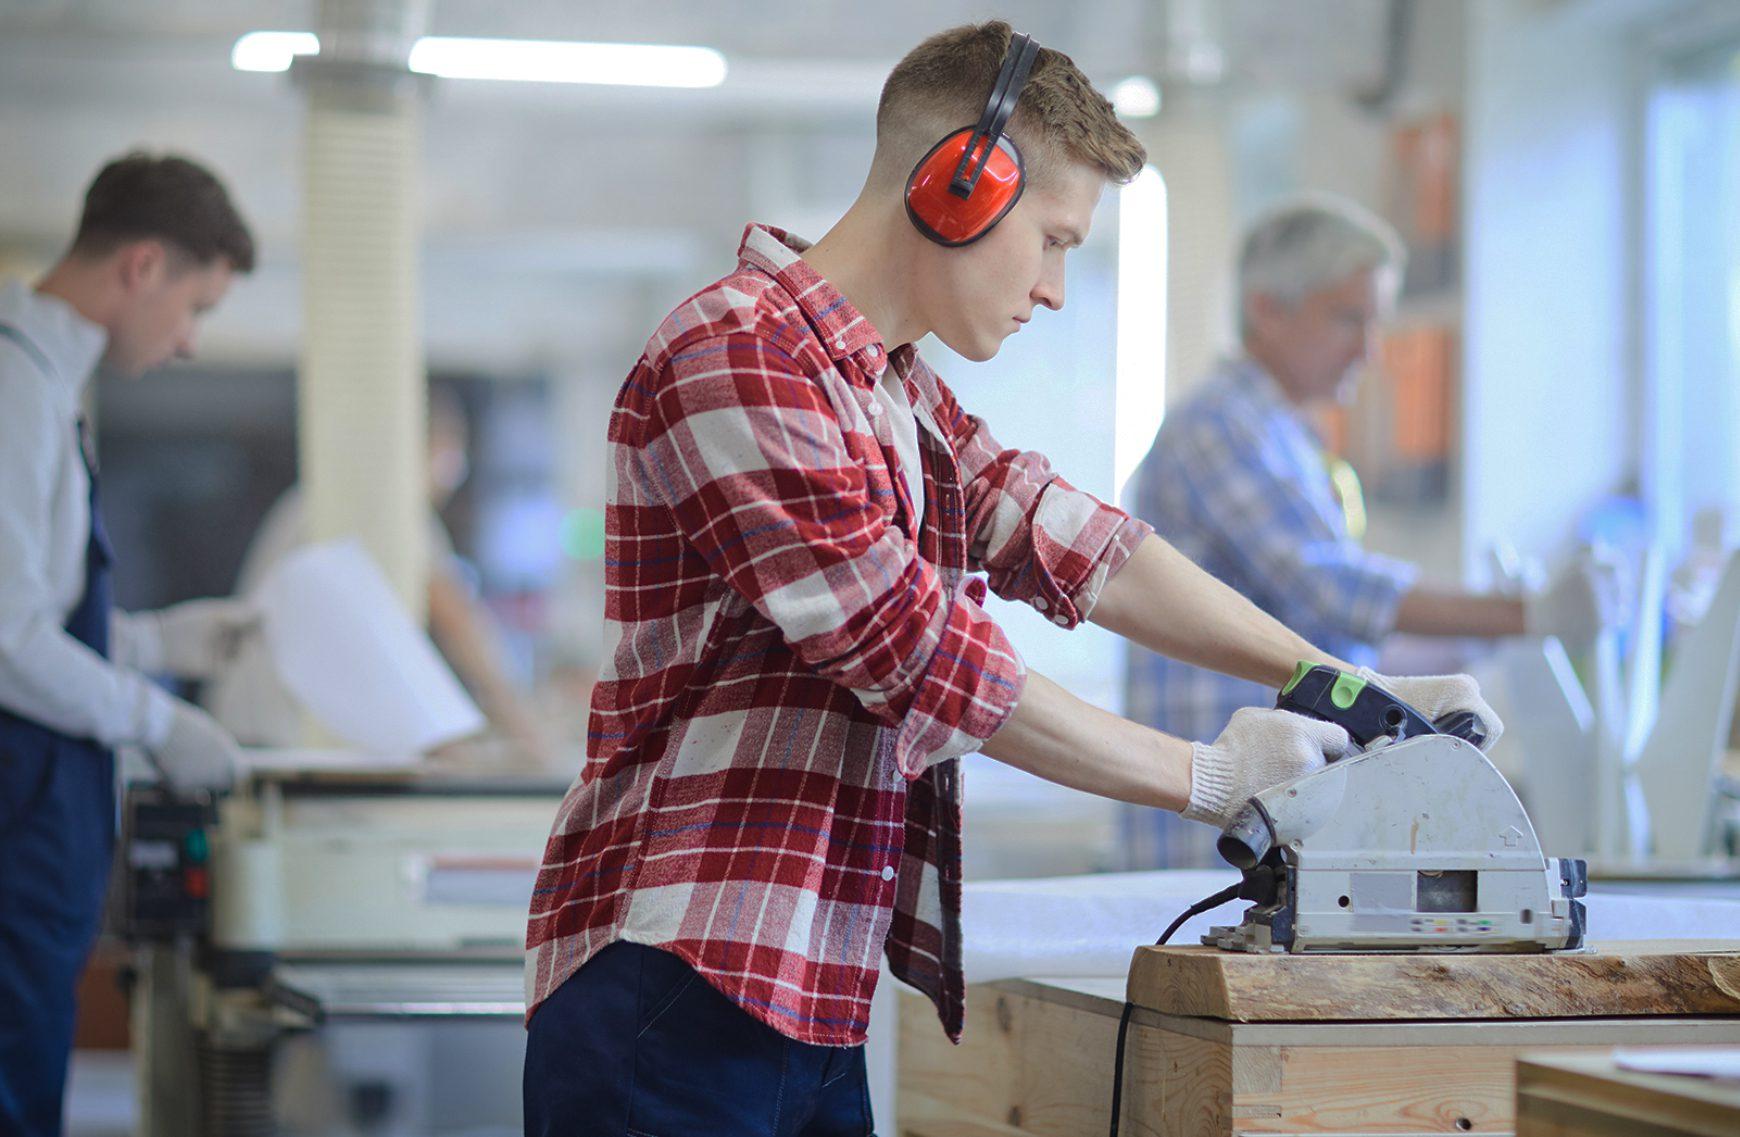 Man working at machine wearing ear defenders